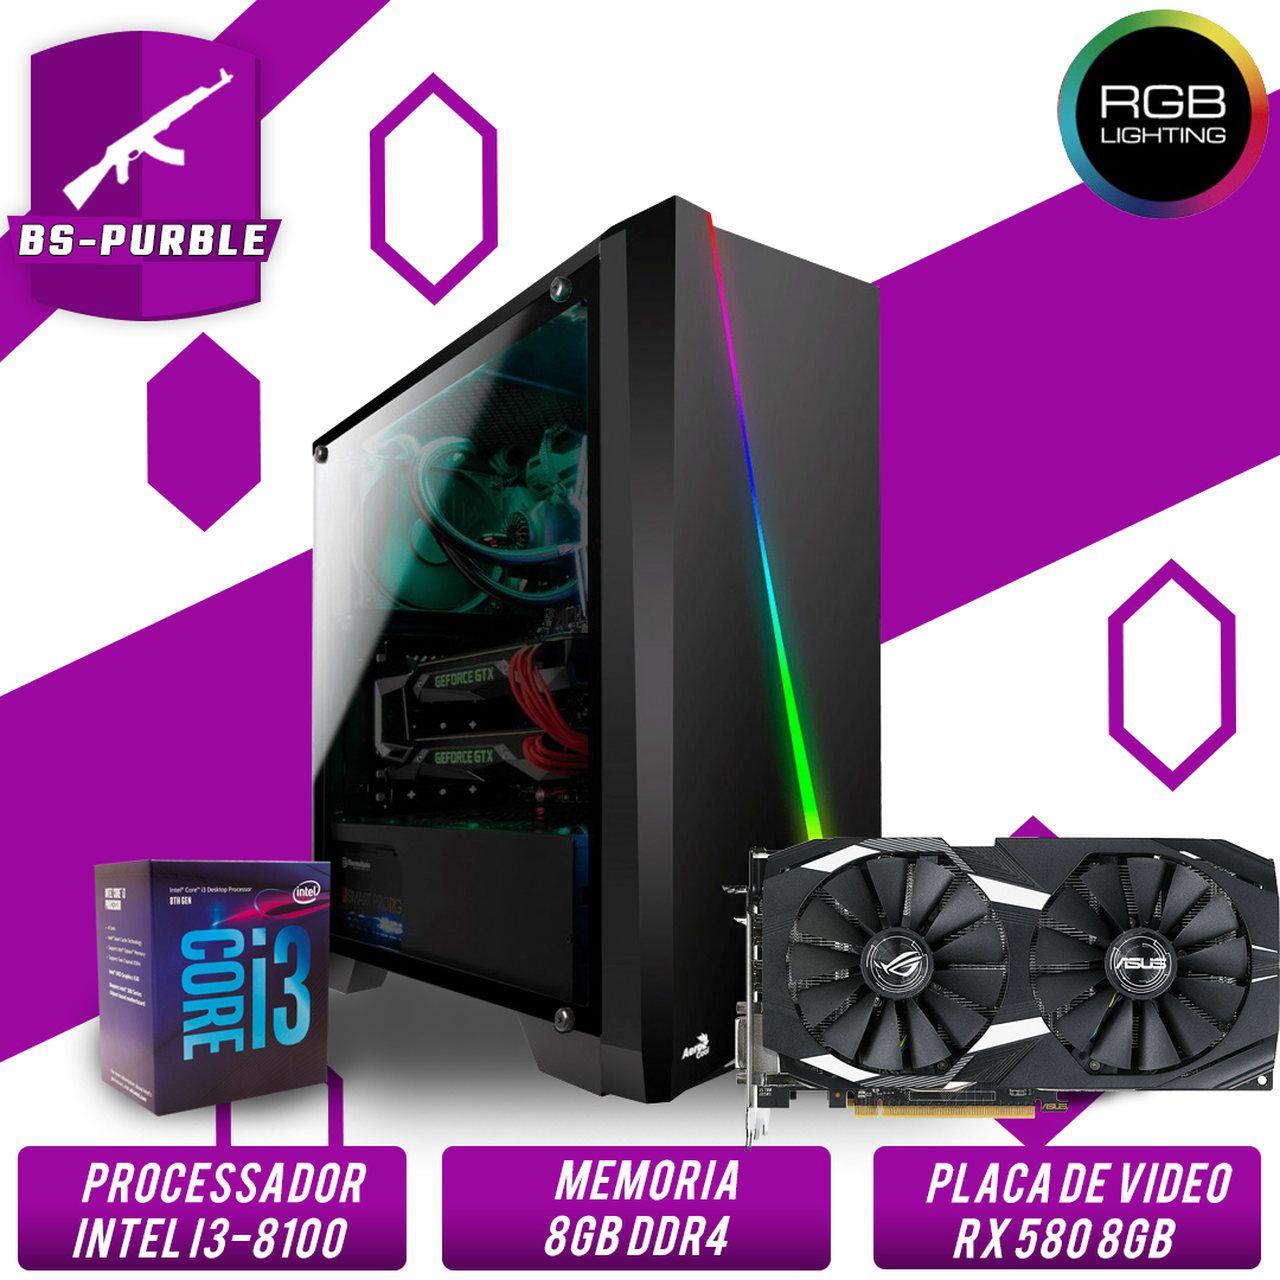 Computador Gamer Intel i3 9100F, 8GB DDR4, HD 1TB, 500W, RX 580 8GB